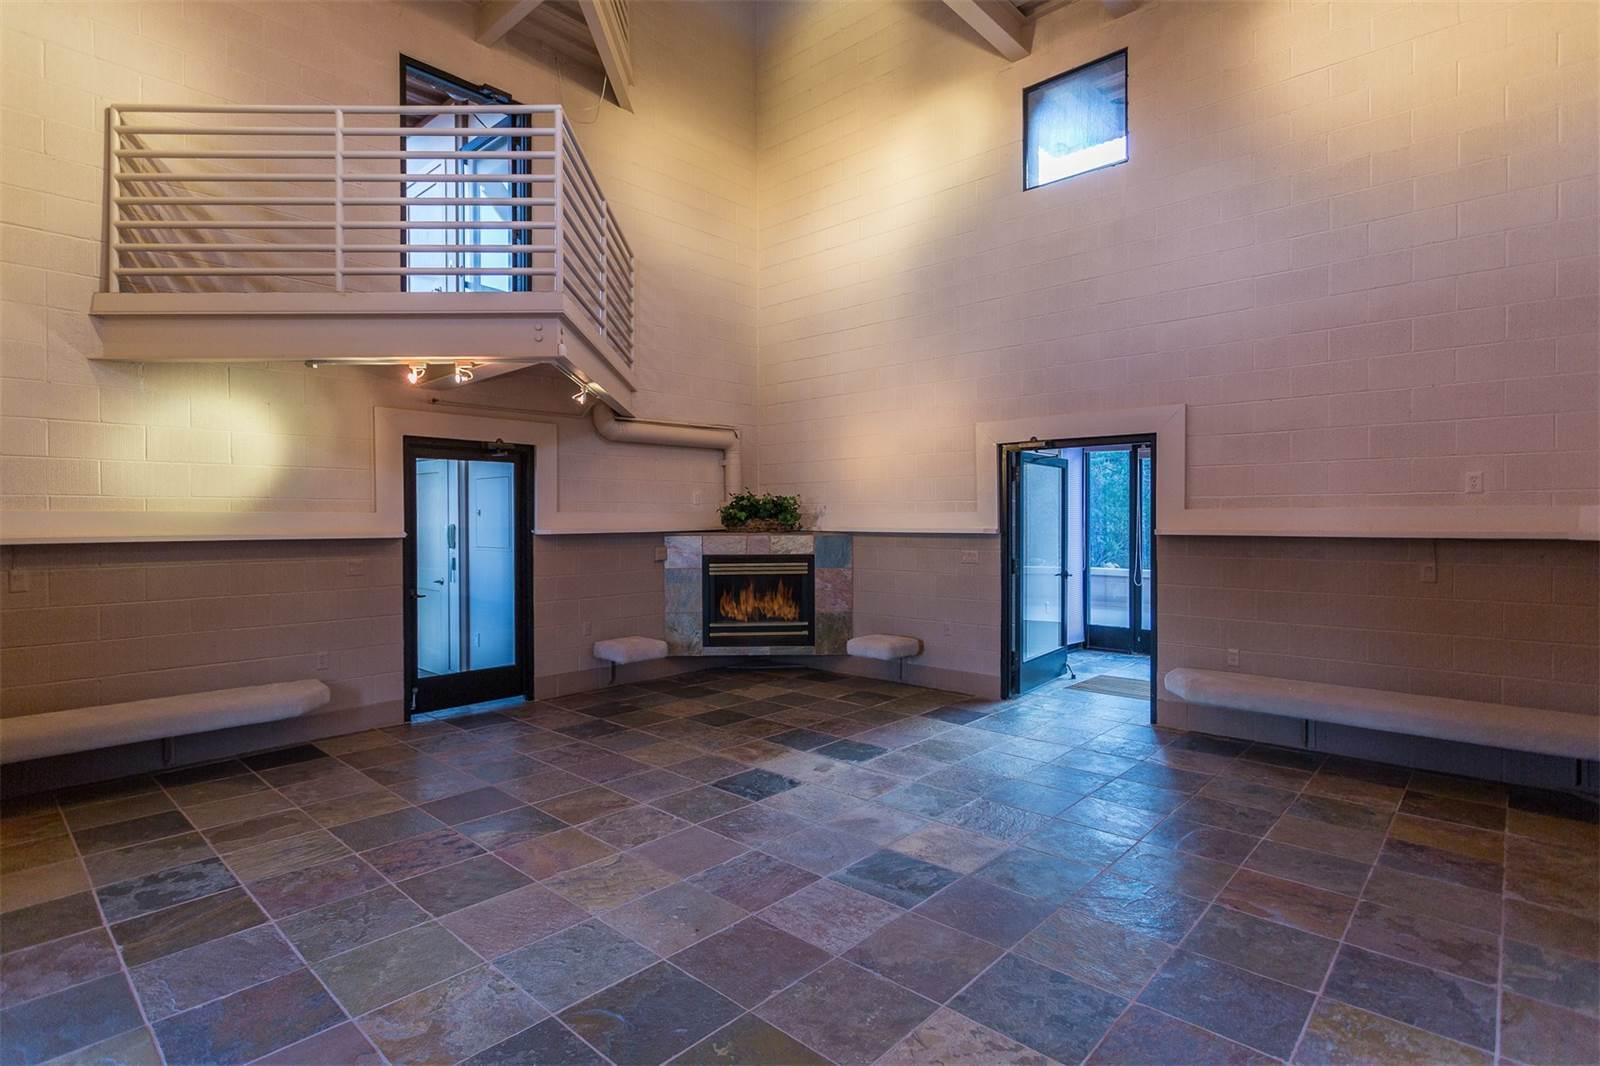 Одной изособенностей «Соколиного гнезда» является отсутствие системы отопления: дом накапливает тепло днем идержит его всю ночь, поясняет архитектор